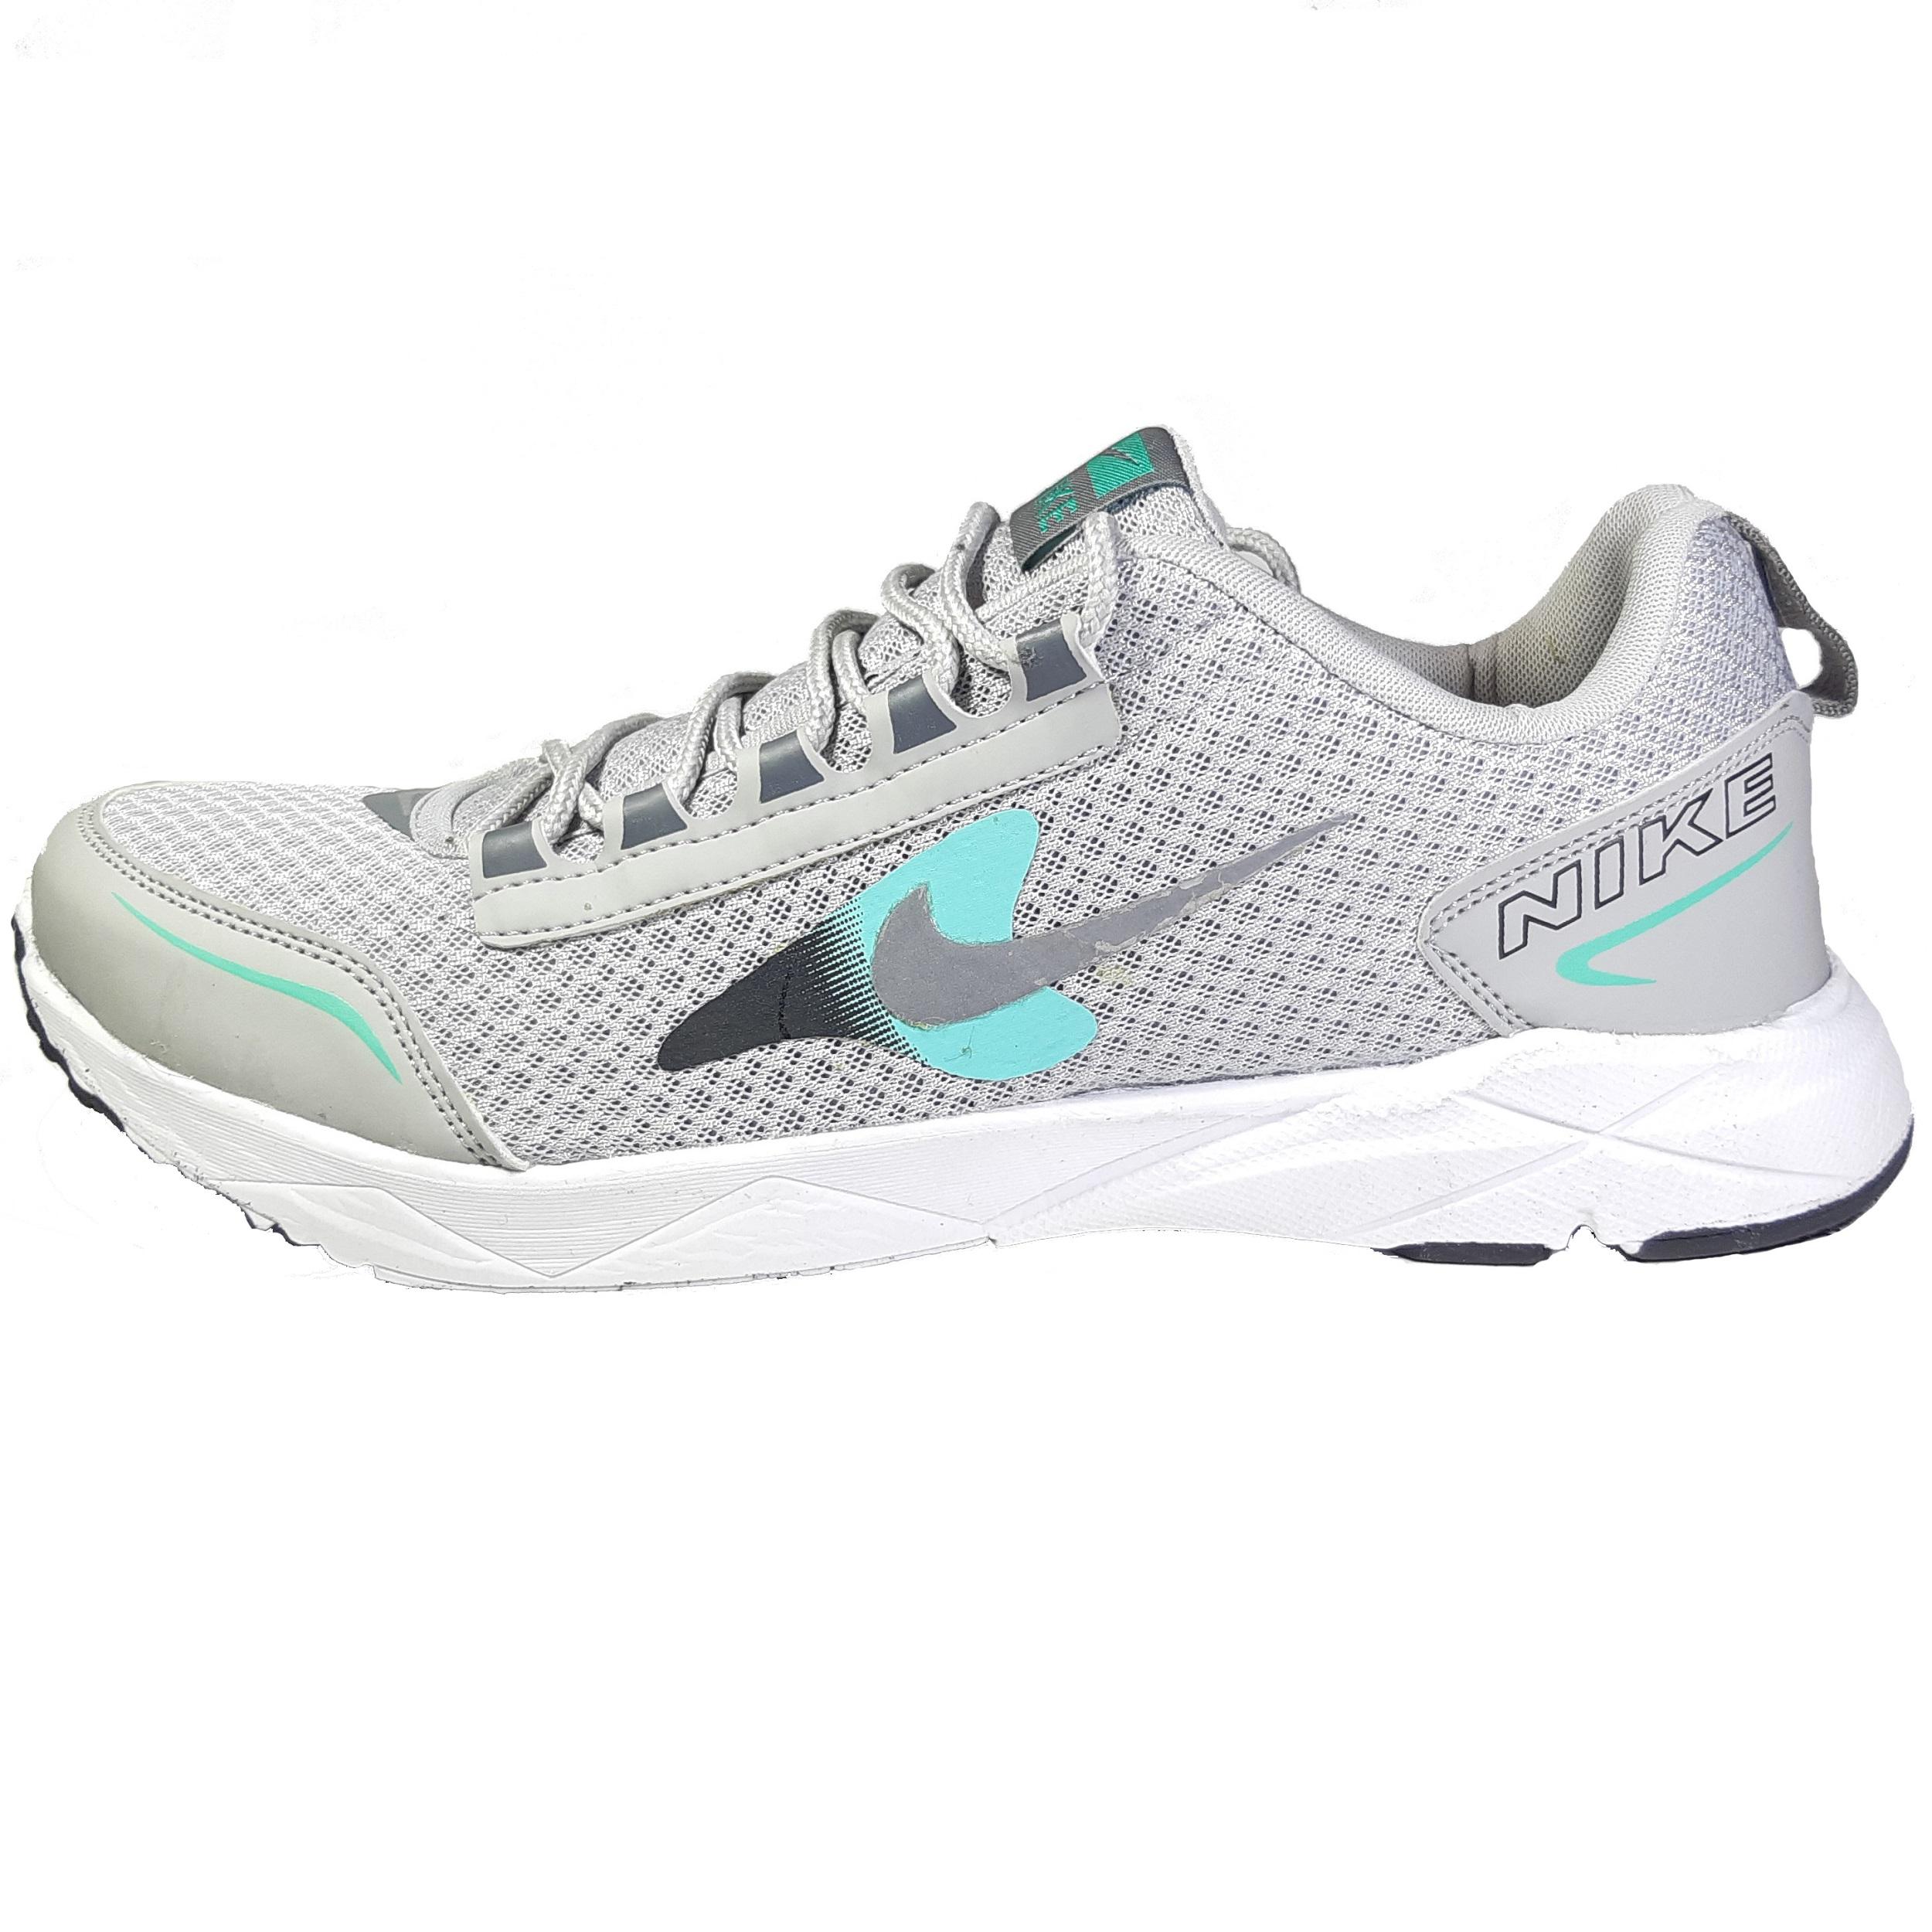 قیمت کفش مخصوص پیاده روی مردانه مدل fly کد 03